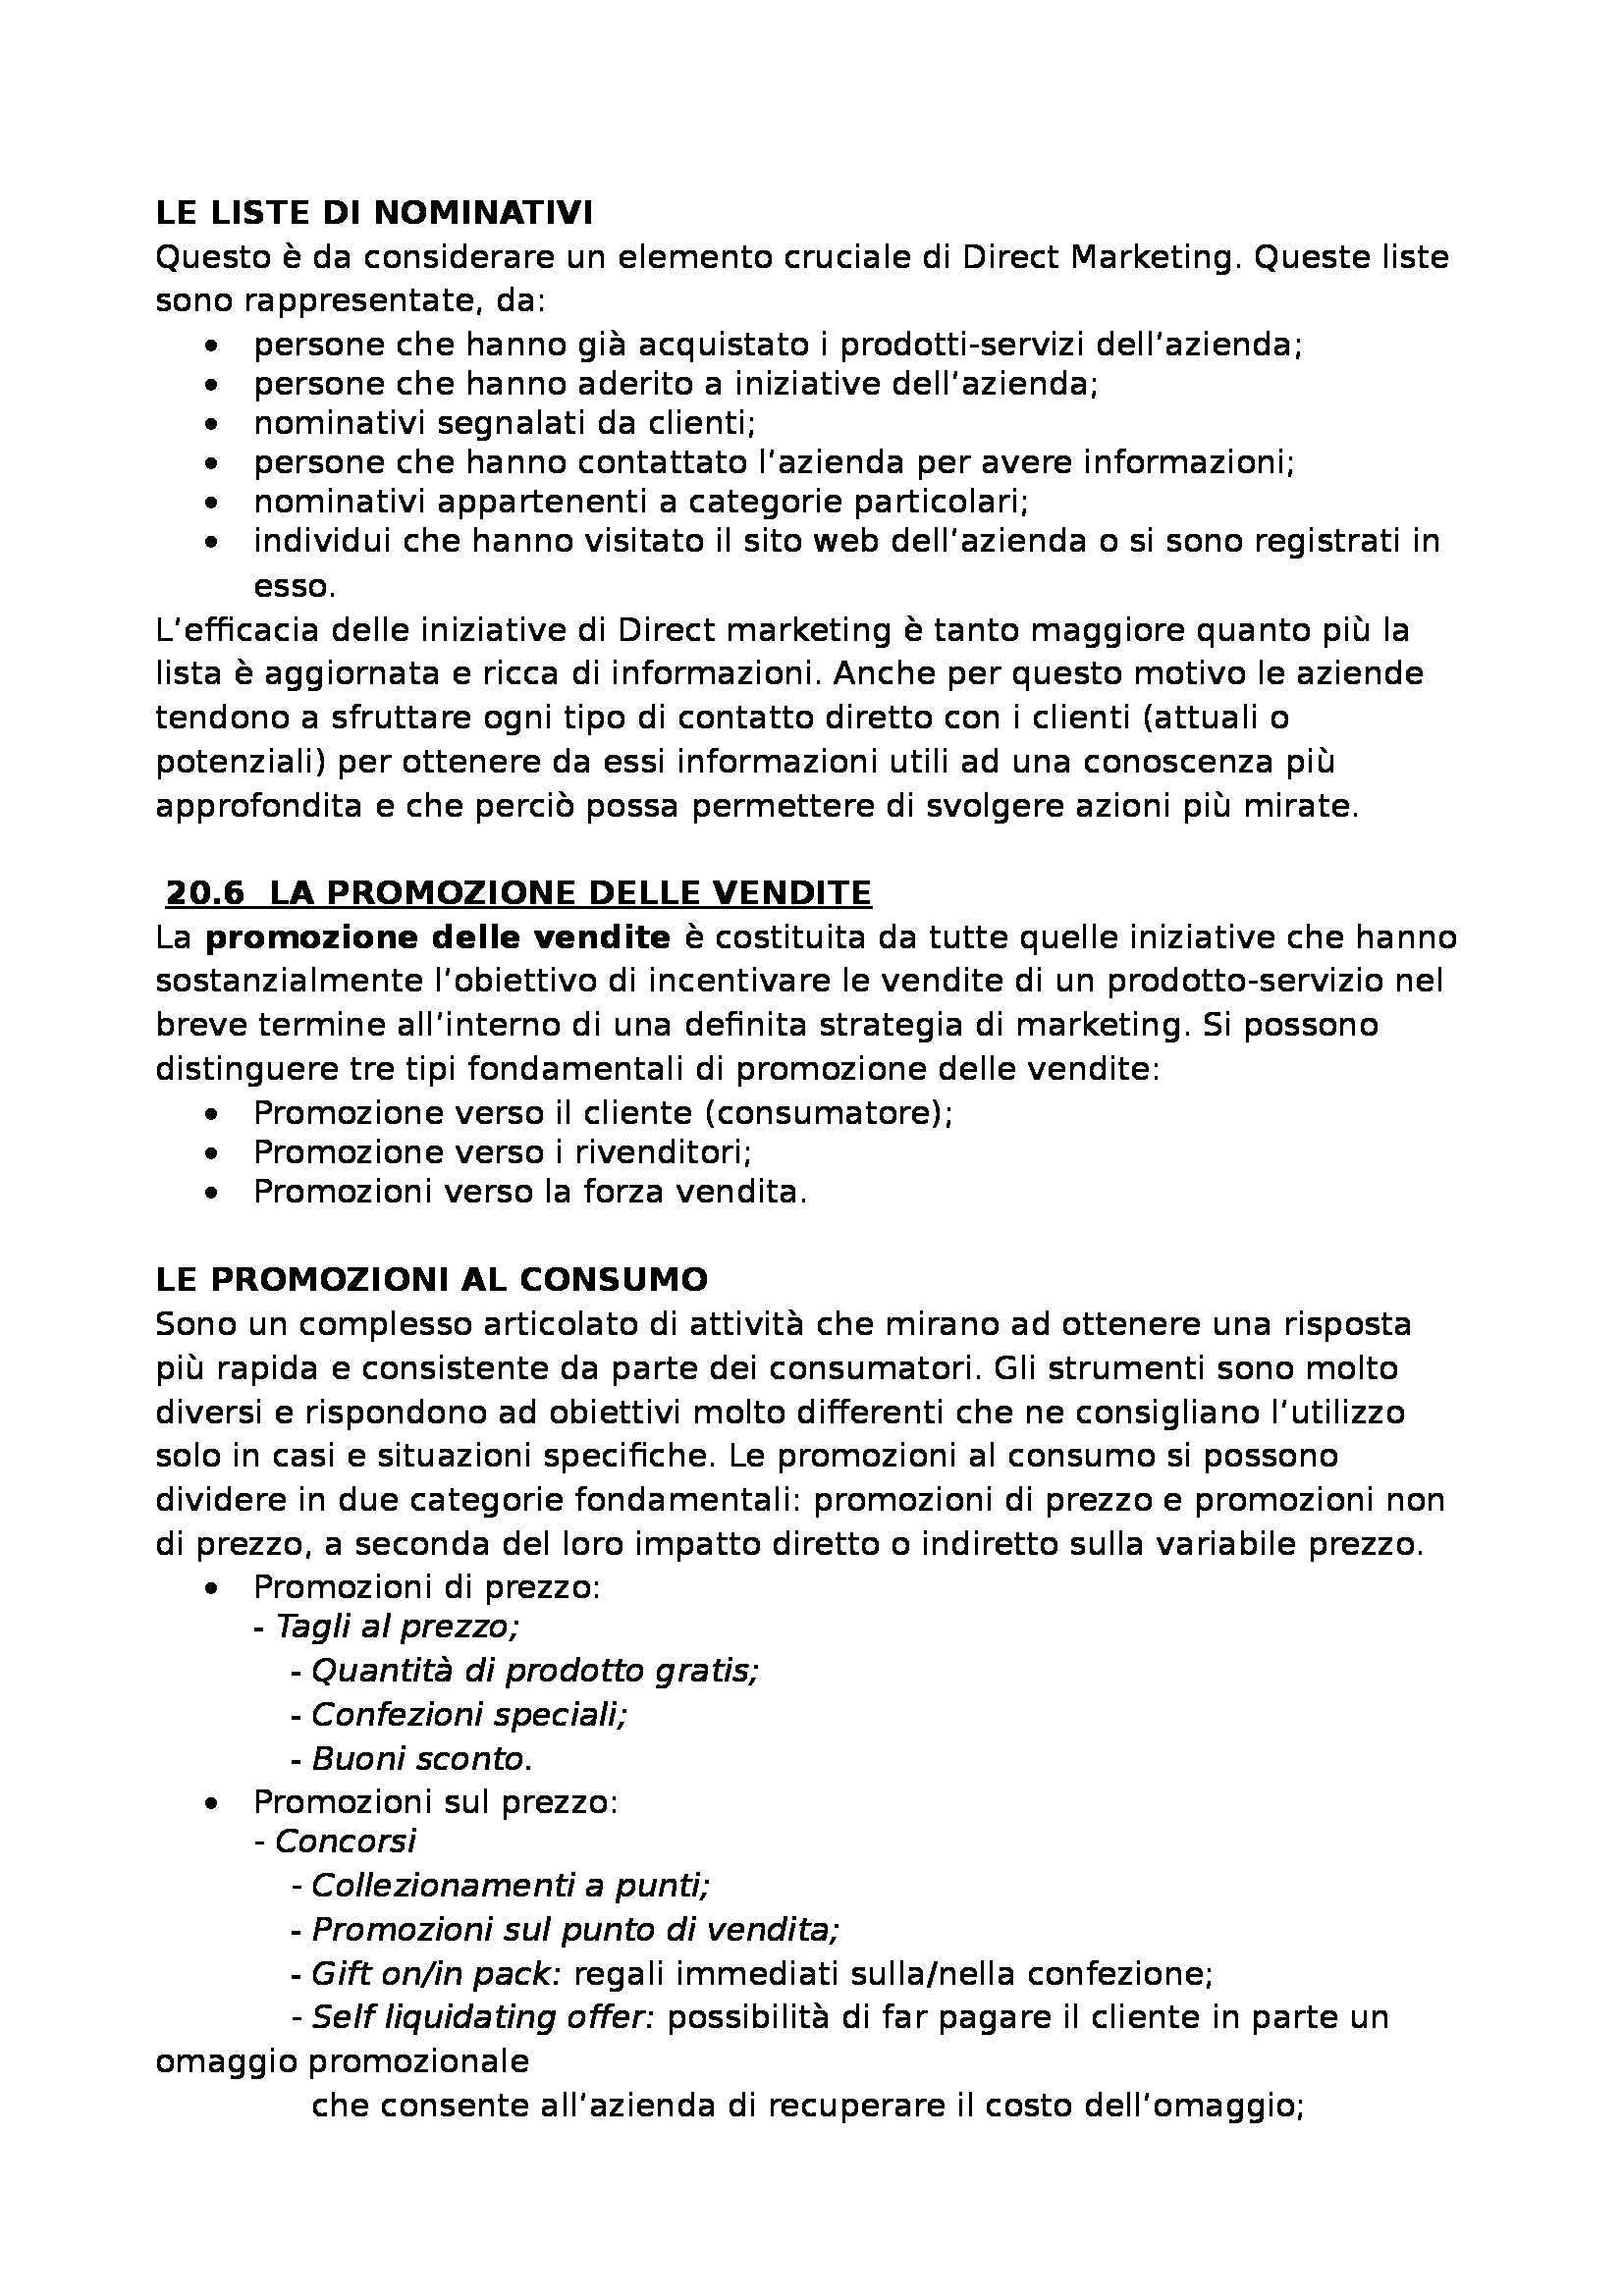 Riassunto esame Economia e Gestione delle Imprese, prof. Colurcio, libro consigliato Marketing del Prodotto-servizio, Raimondi Pag. 141